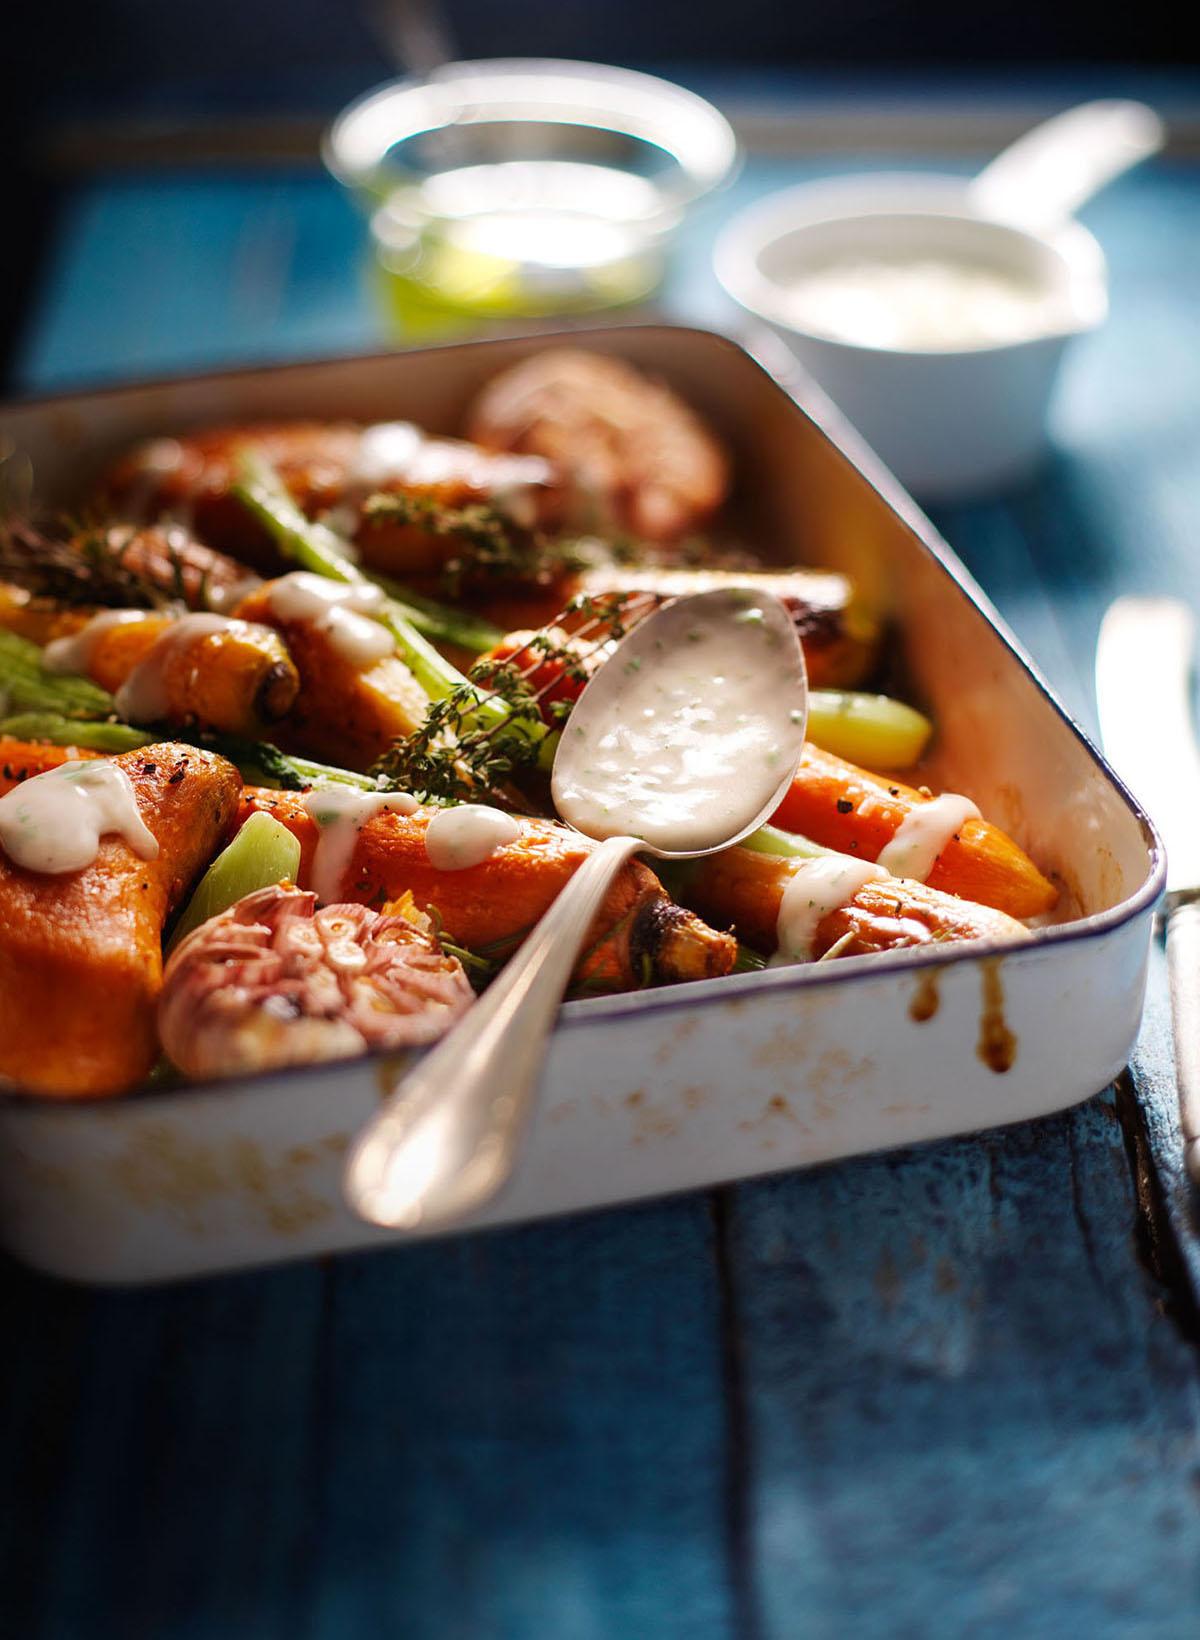 Food fotografie van groenten met groentesaus gemaakt door Studio_m Fotografie Amsterdam